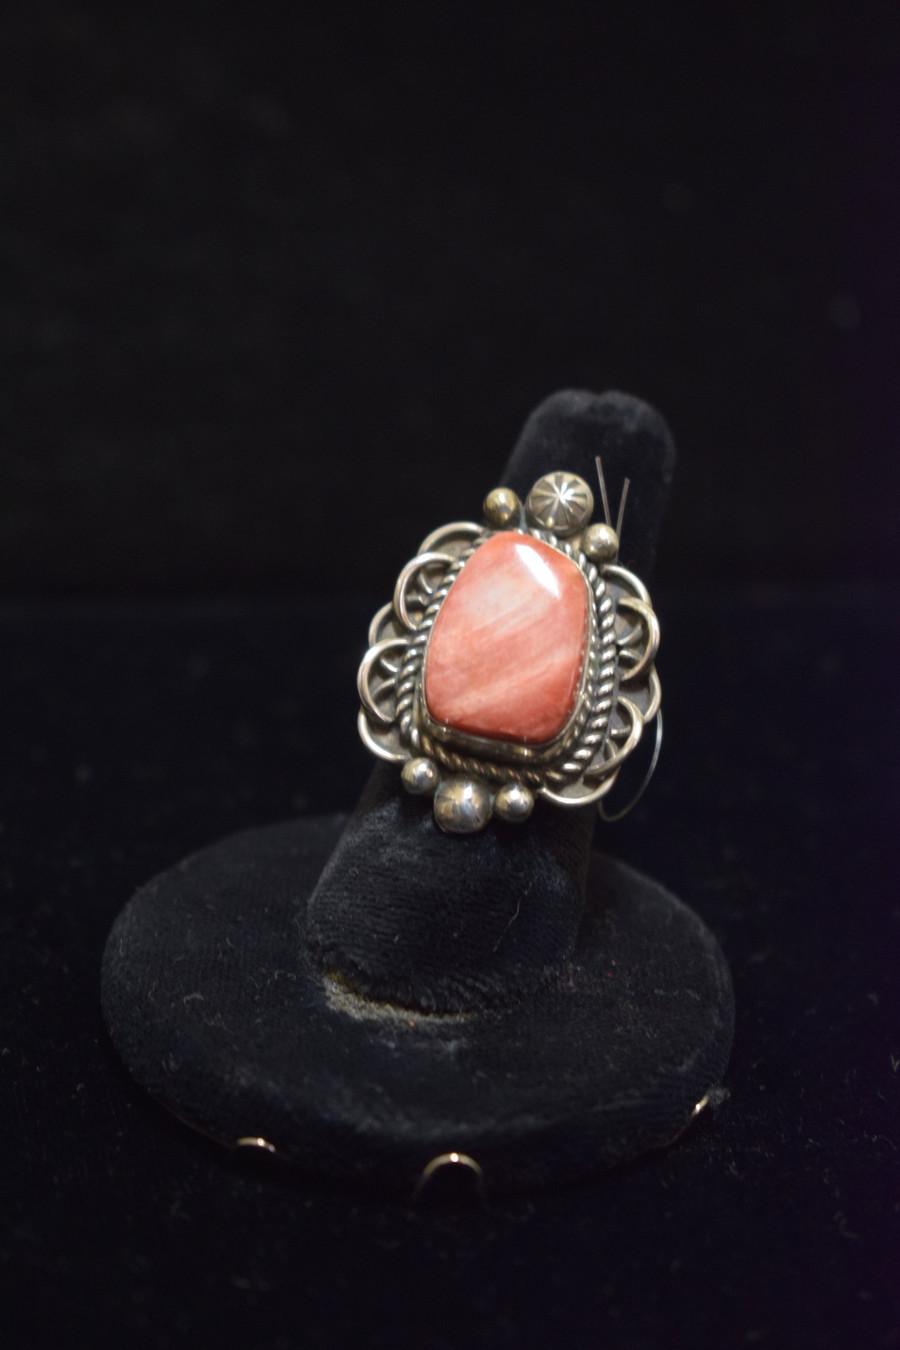 Spiny Oyster Ring Handmade by Mary Tso